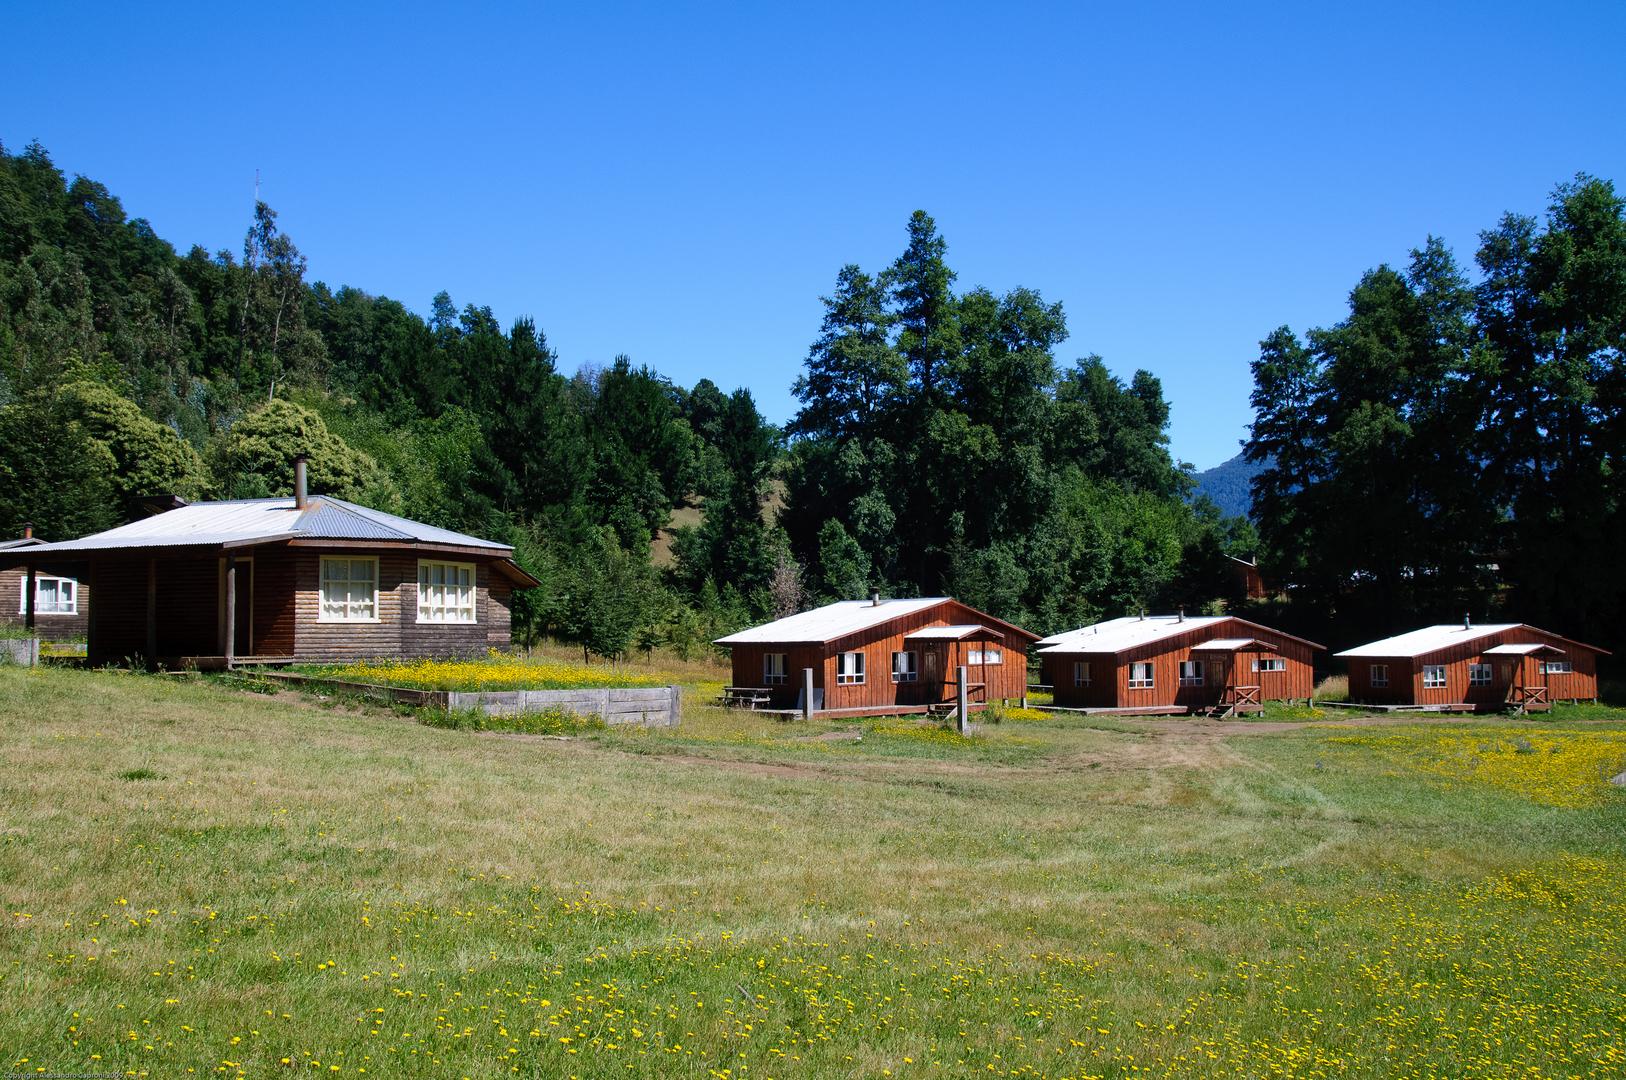 Vacances dans un camping avec location de chalet pour 7 personnes en Vendée